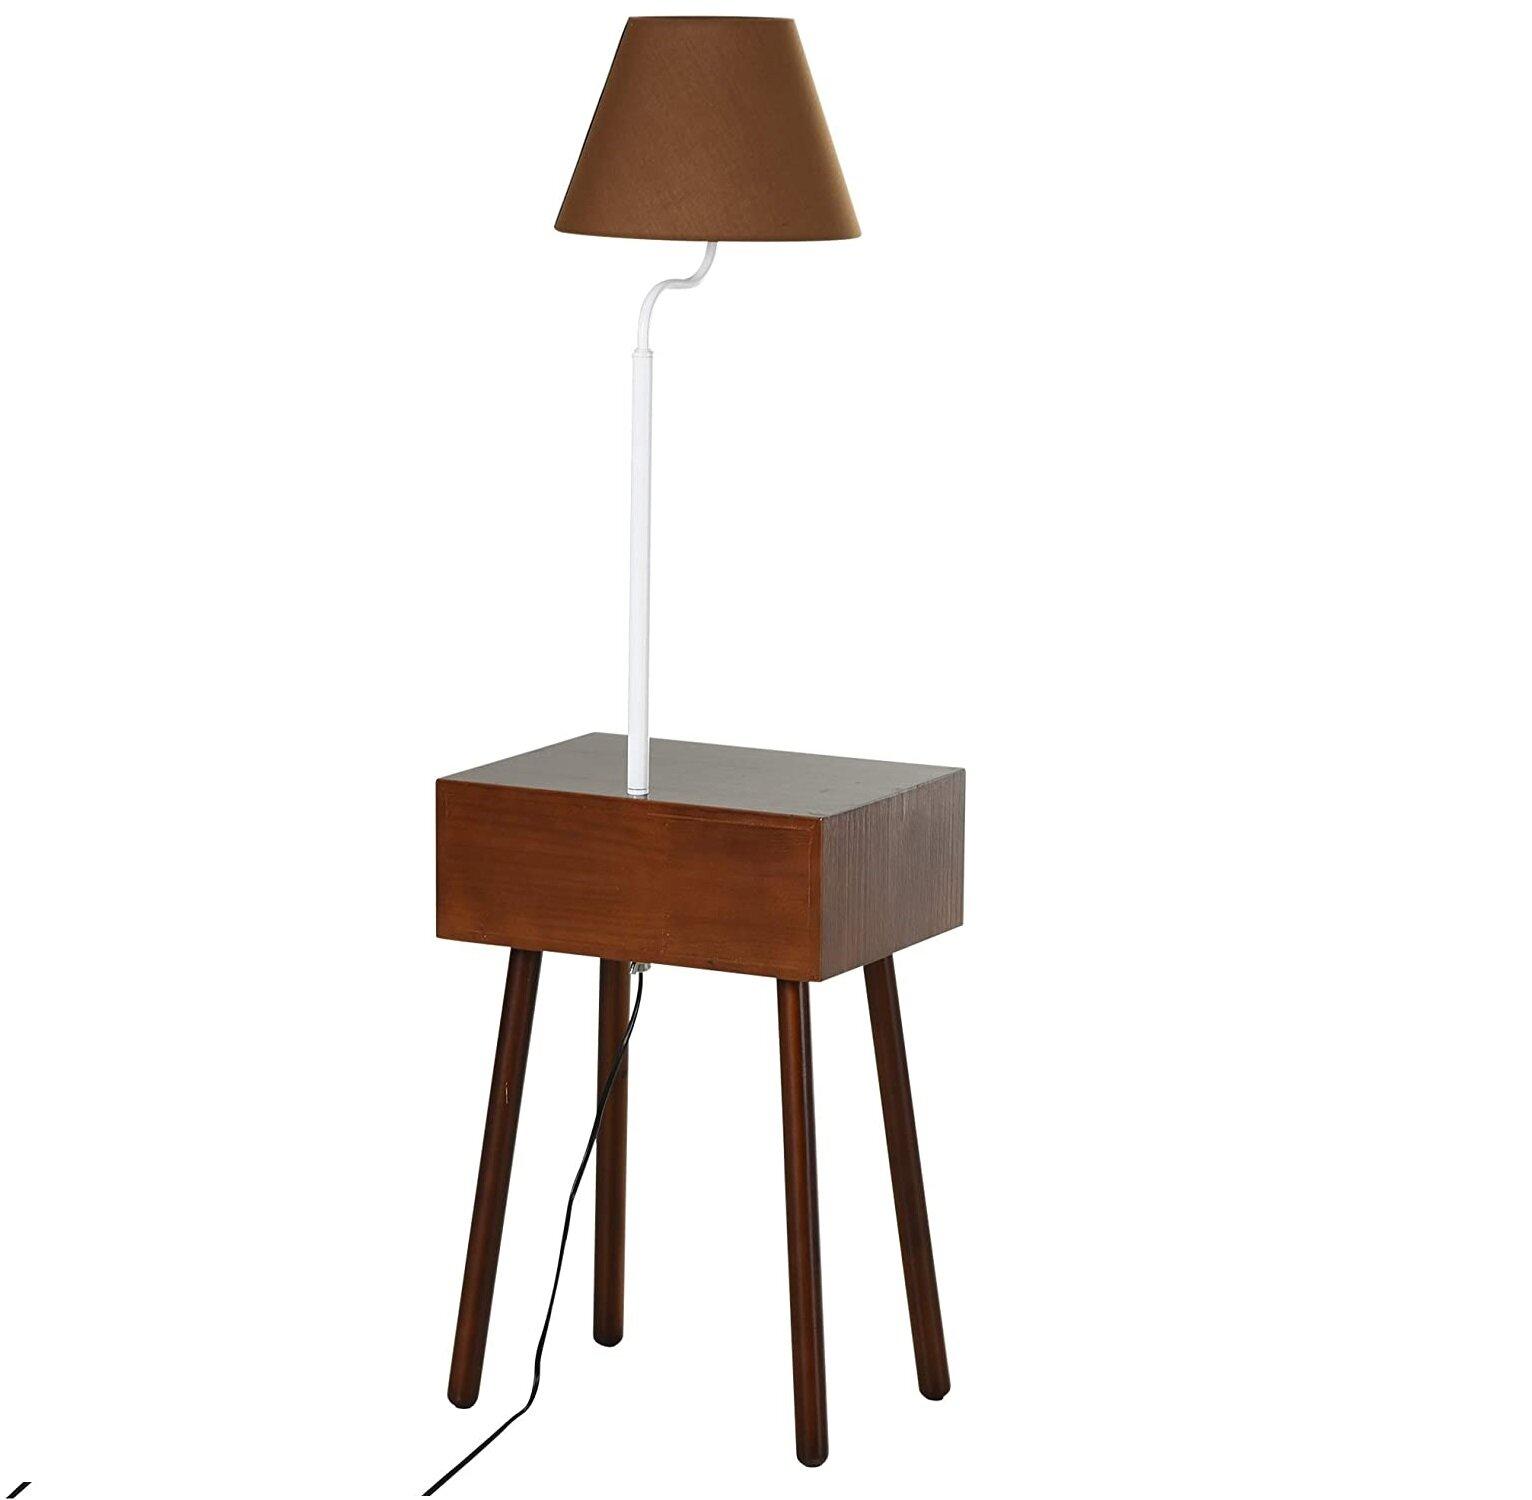 Corrigan Studio Godbey Side Table Wayfair Co Uk